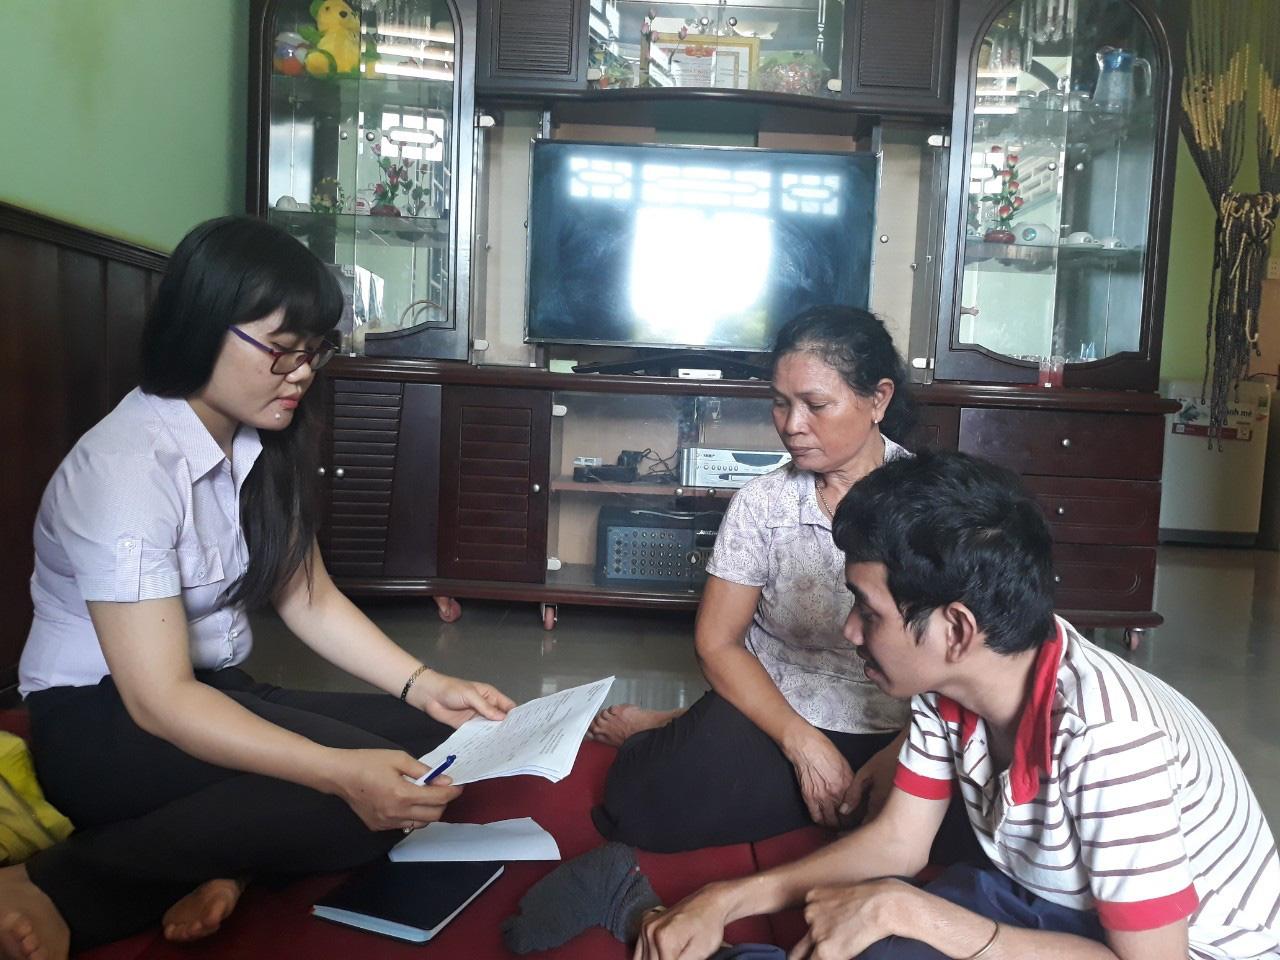 Phê duyệt danh sách hỗ trợ đối tượng bảo trợ xã hội đang hưởng trợ cấp xã hội hàng tháng gặp khó khăn do đại dịch Covid-19 của huyện Cư Kuin